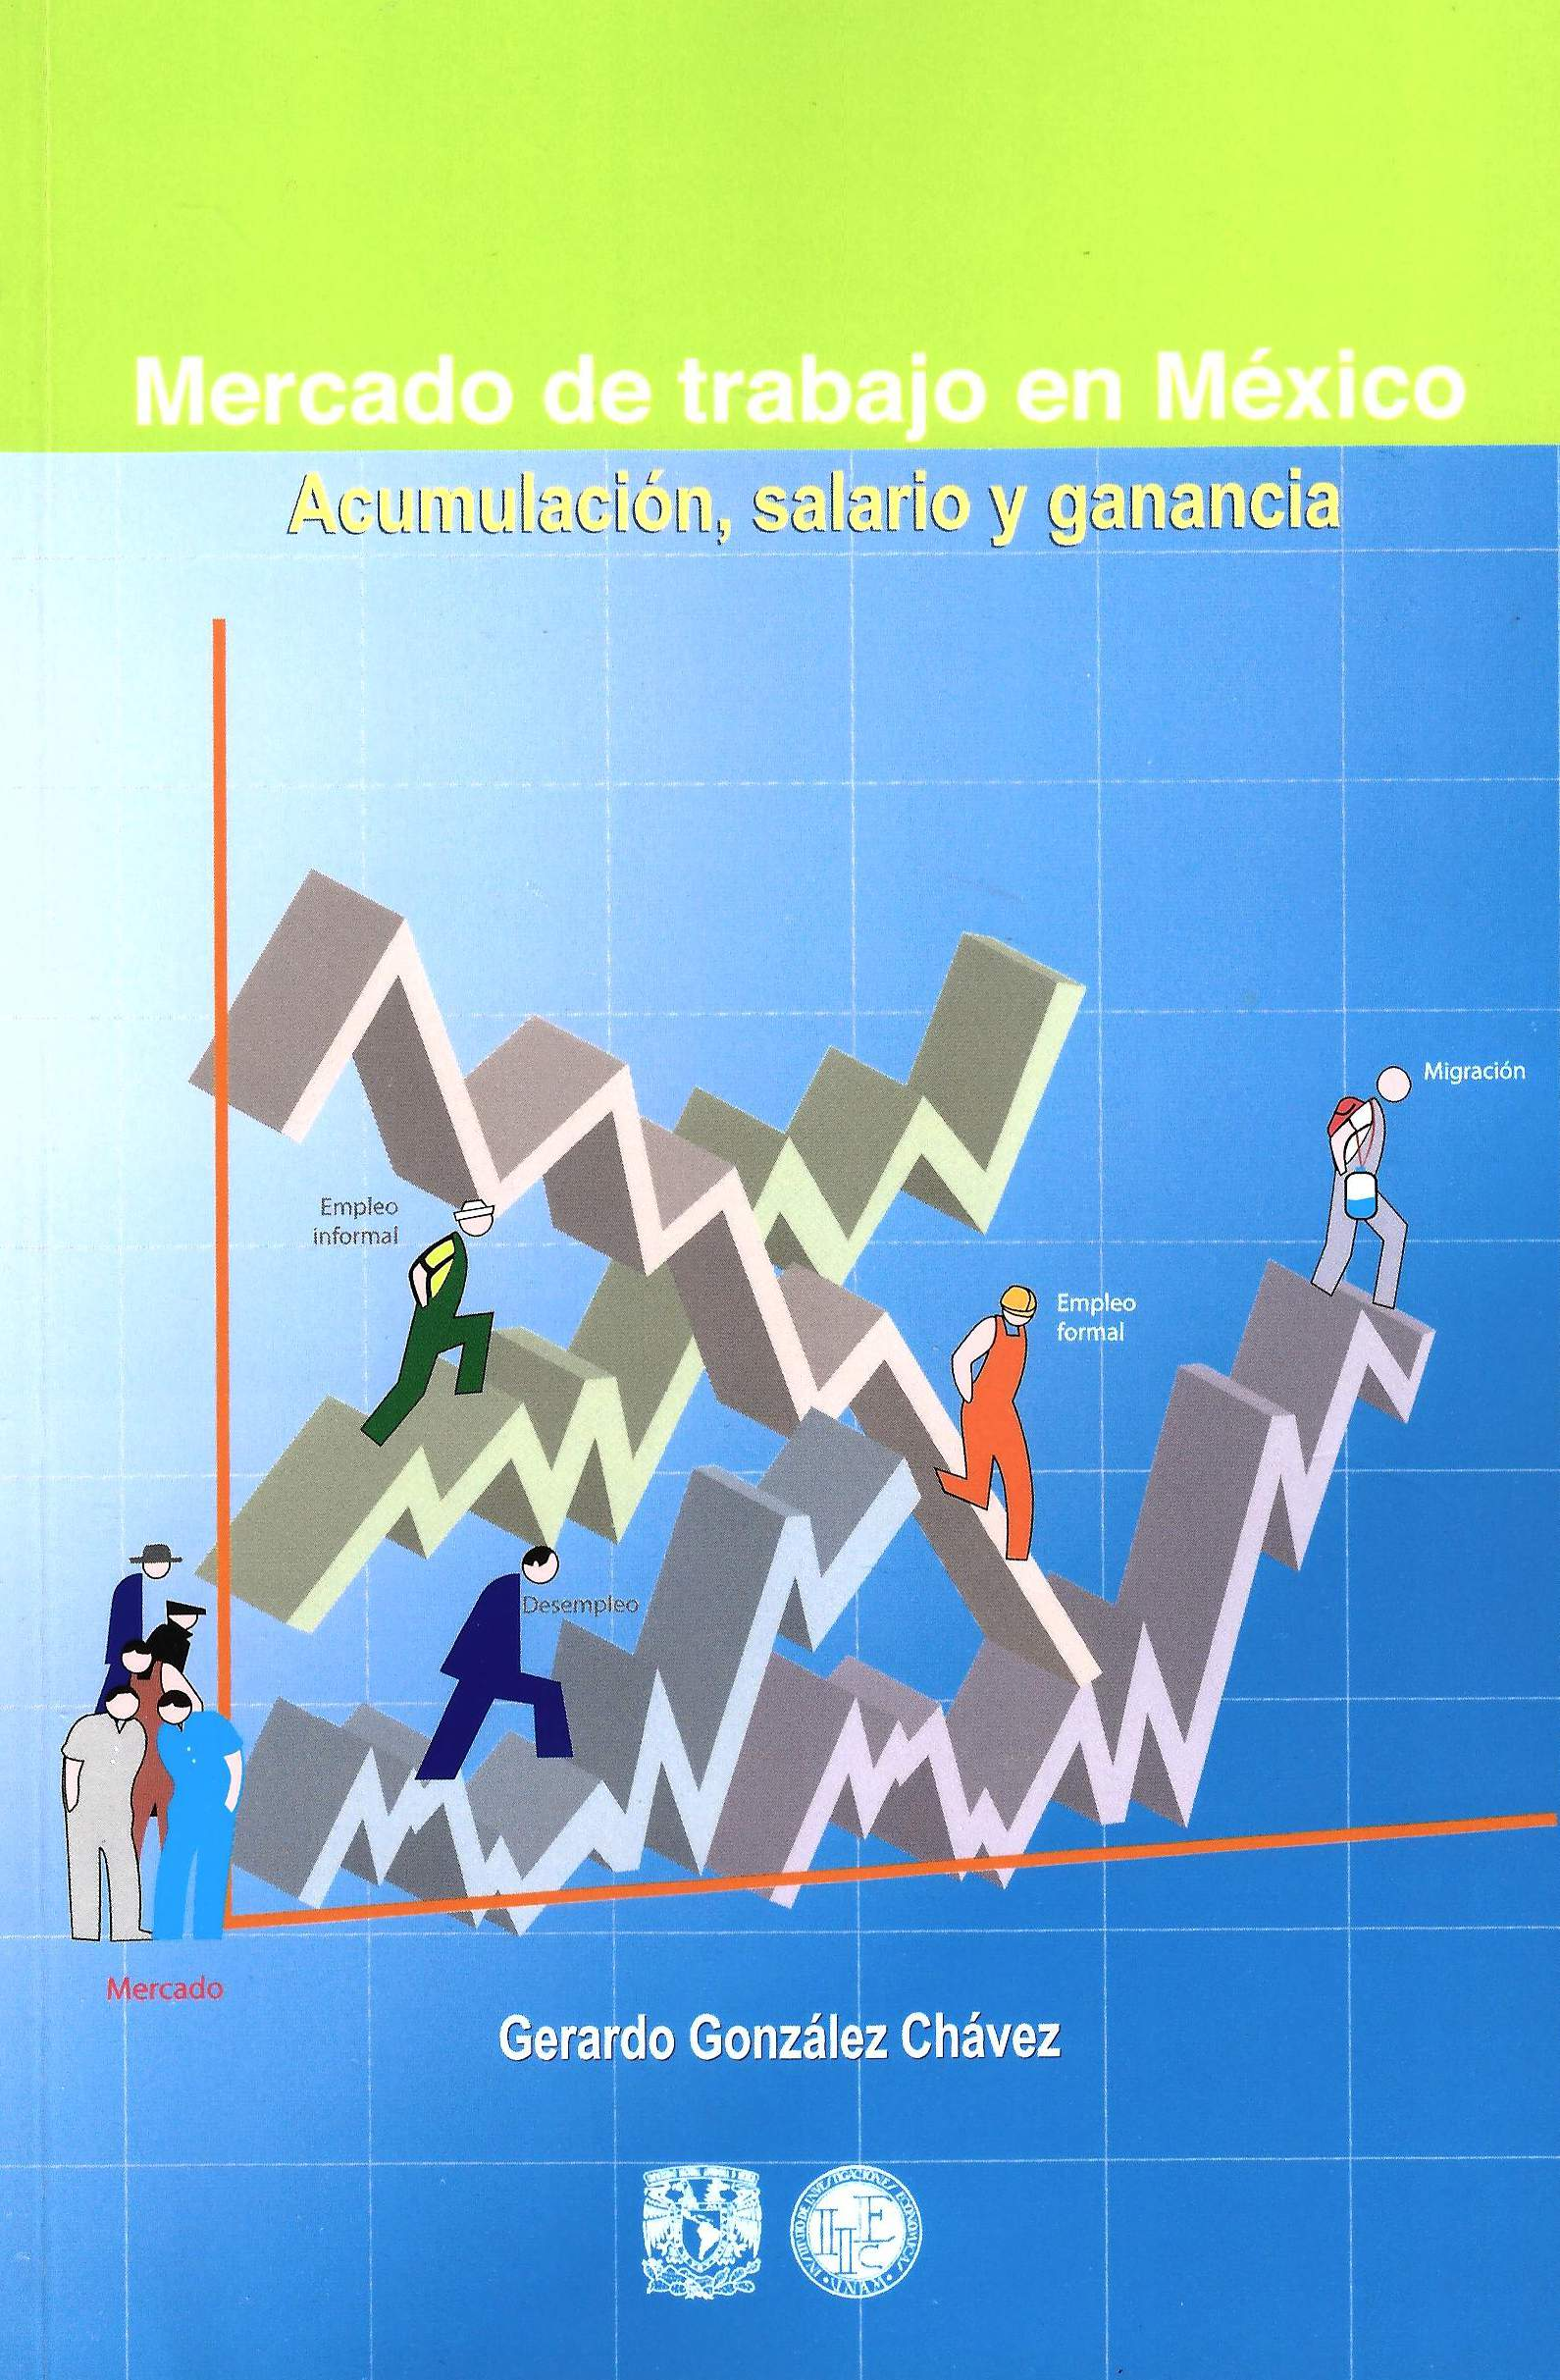 Mercado de trabajo en México: acumulación, salario y ganancia